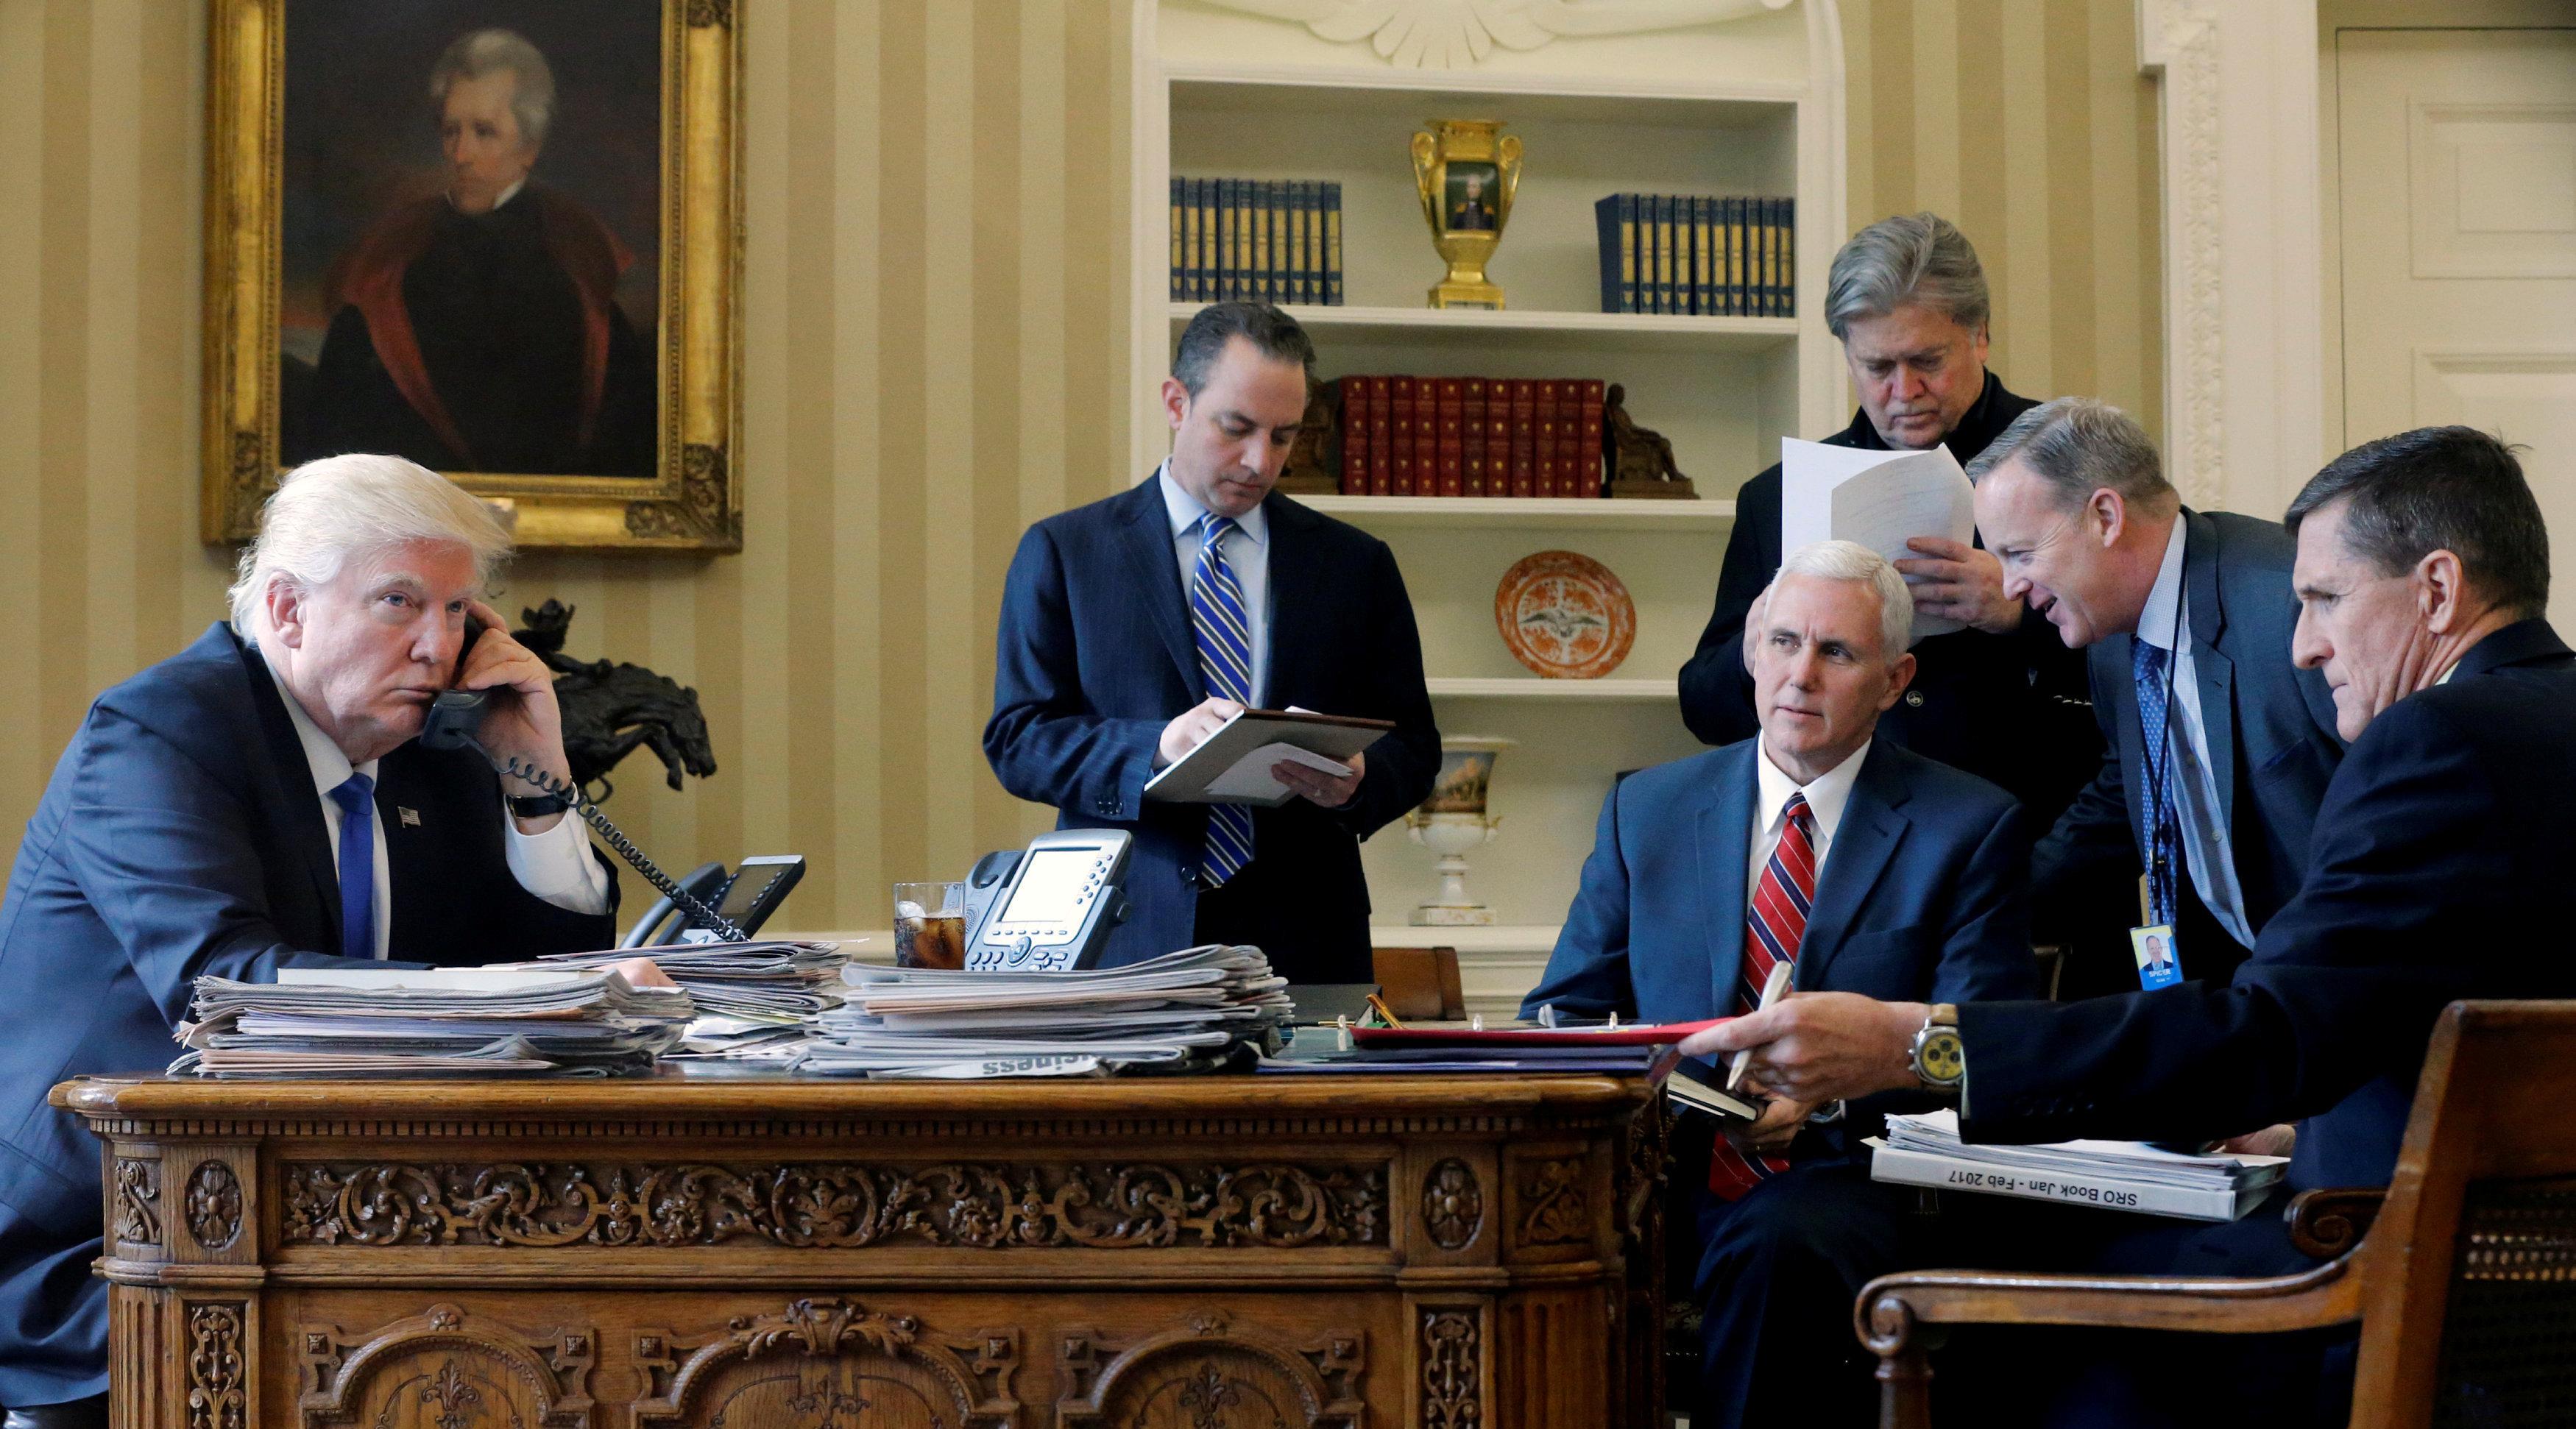 El despacho oval durante la conversación telefónica con Vladímir Putin. De izquierda a derecha: Donald Trump, presidente de EEUU; Reince Priebus, exjefe de Gabinete de la Casa Blanca; el vicepresidente Mike Pence; Steve Bannon (al fondo), estratega jefe de la Casa Blanca y consejero presidencial; Sean Spicer, exsecretario de prensa de la Casa Blanca y director de Comunicaciones de Donald Trump; Michael Flynn, exdirector del Consejo de Seguridad Nacional de EEUU.